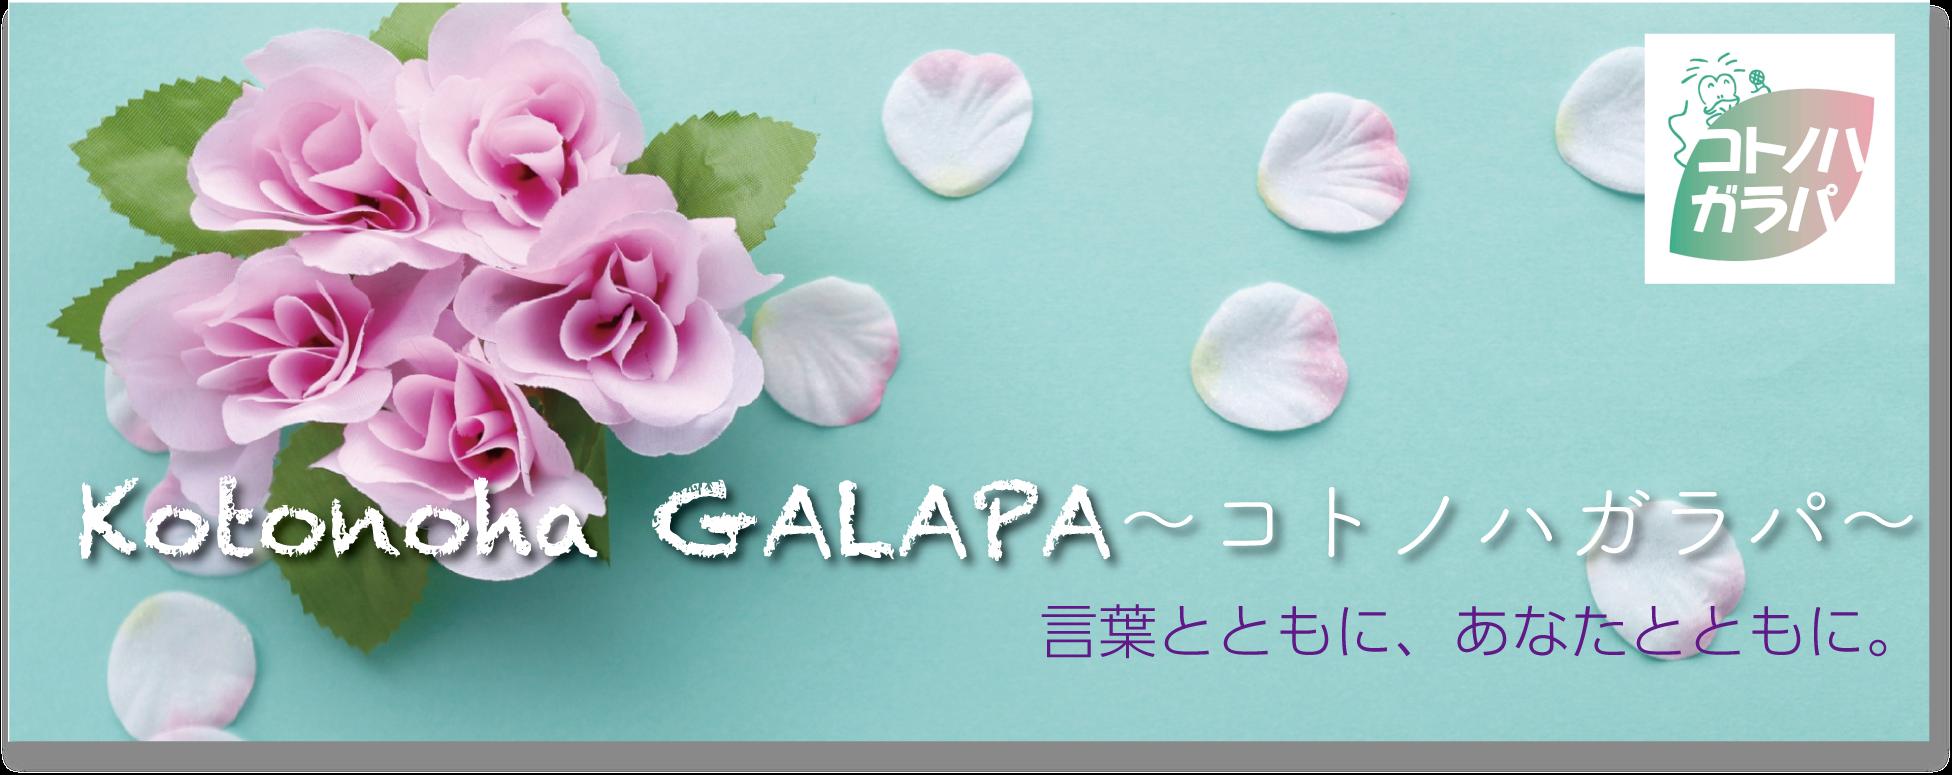 Kotonoha GALAPA〜コトノハガラパ〜